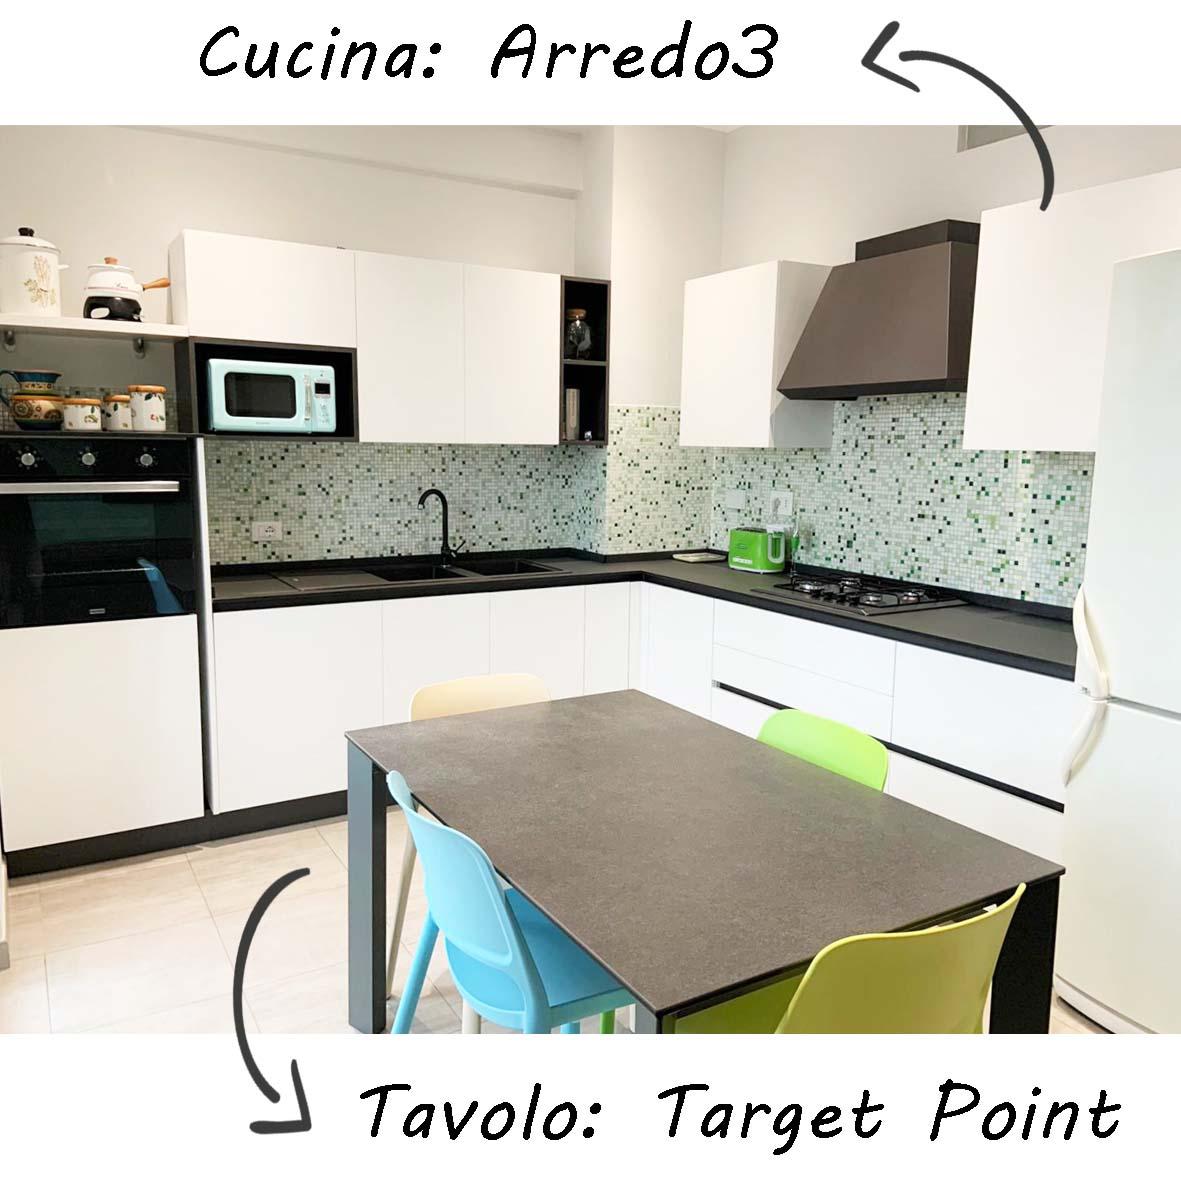 realizzazioni-centro dell'arredamento-savona-cucina-arredo3-cloe